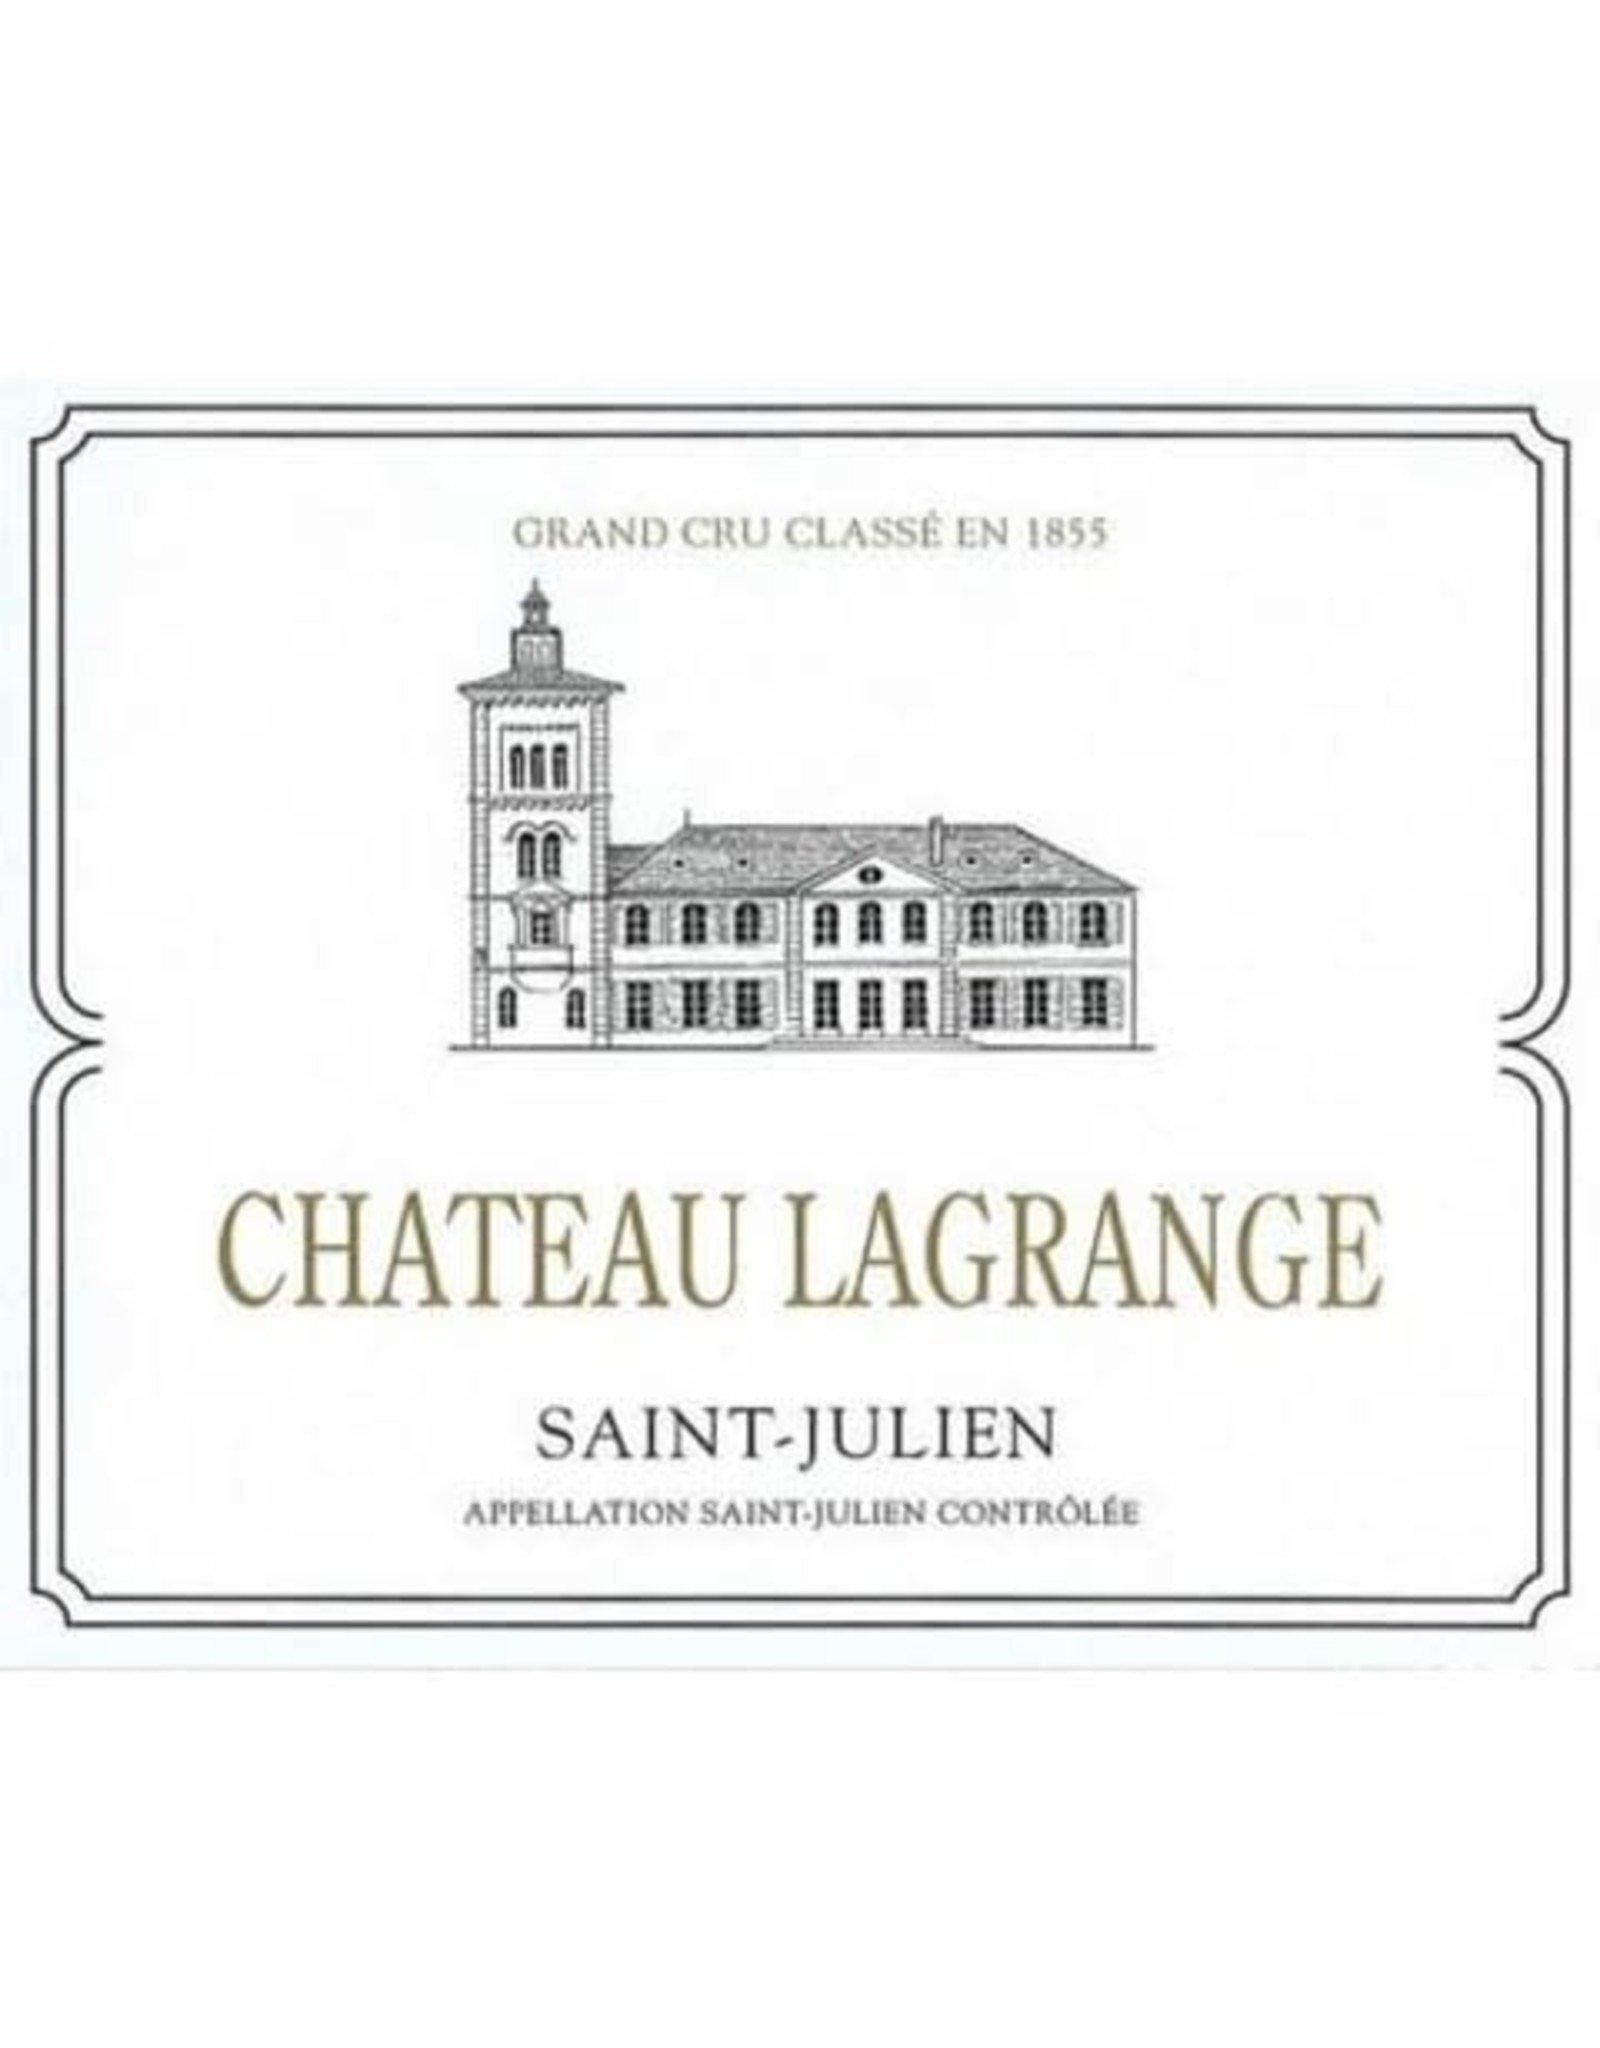 Chateau Lagrange Chateau Lagrange, Saint Julien 2016